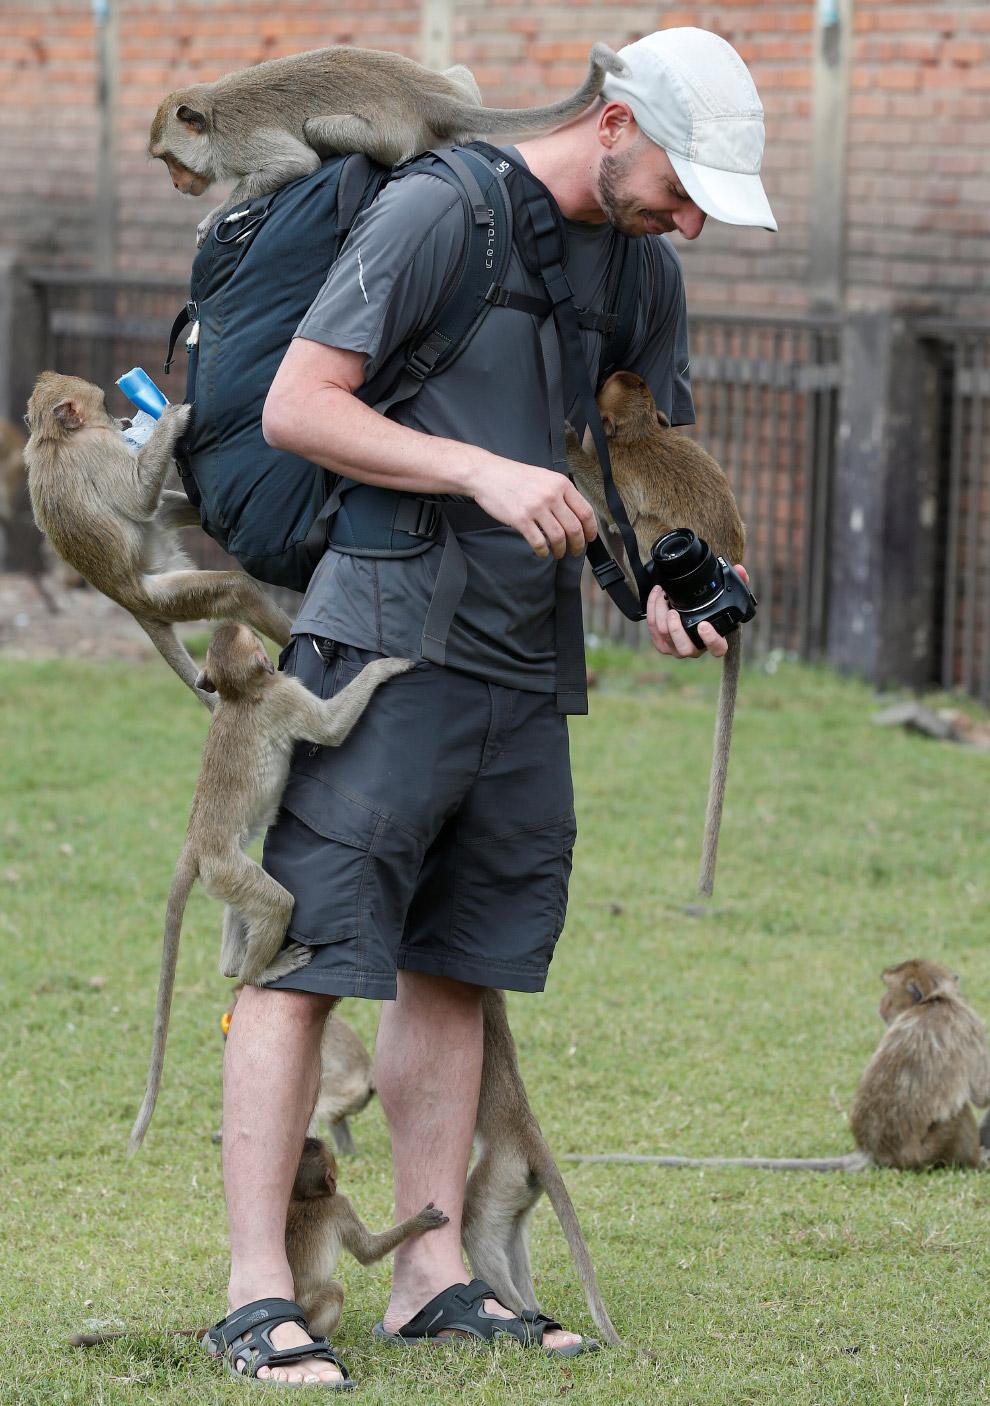 Сам фестиваль Monkey Buffet проходит для хвостатых воров в последнее воскресенья ноября начиная с 19